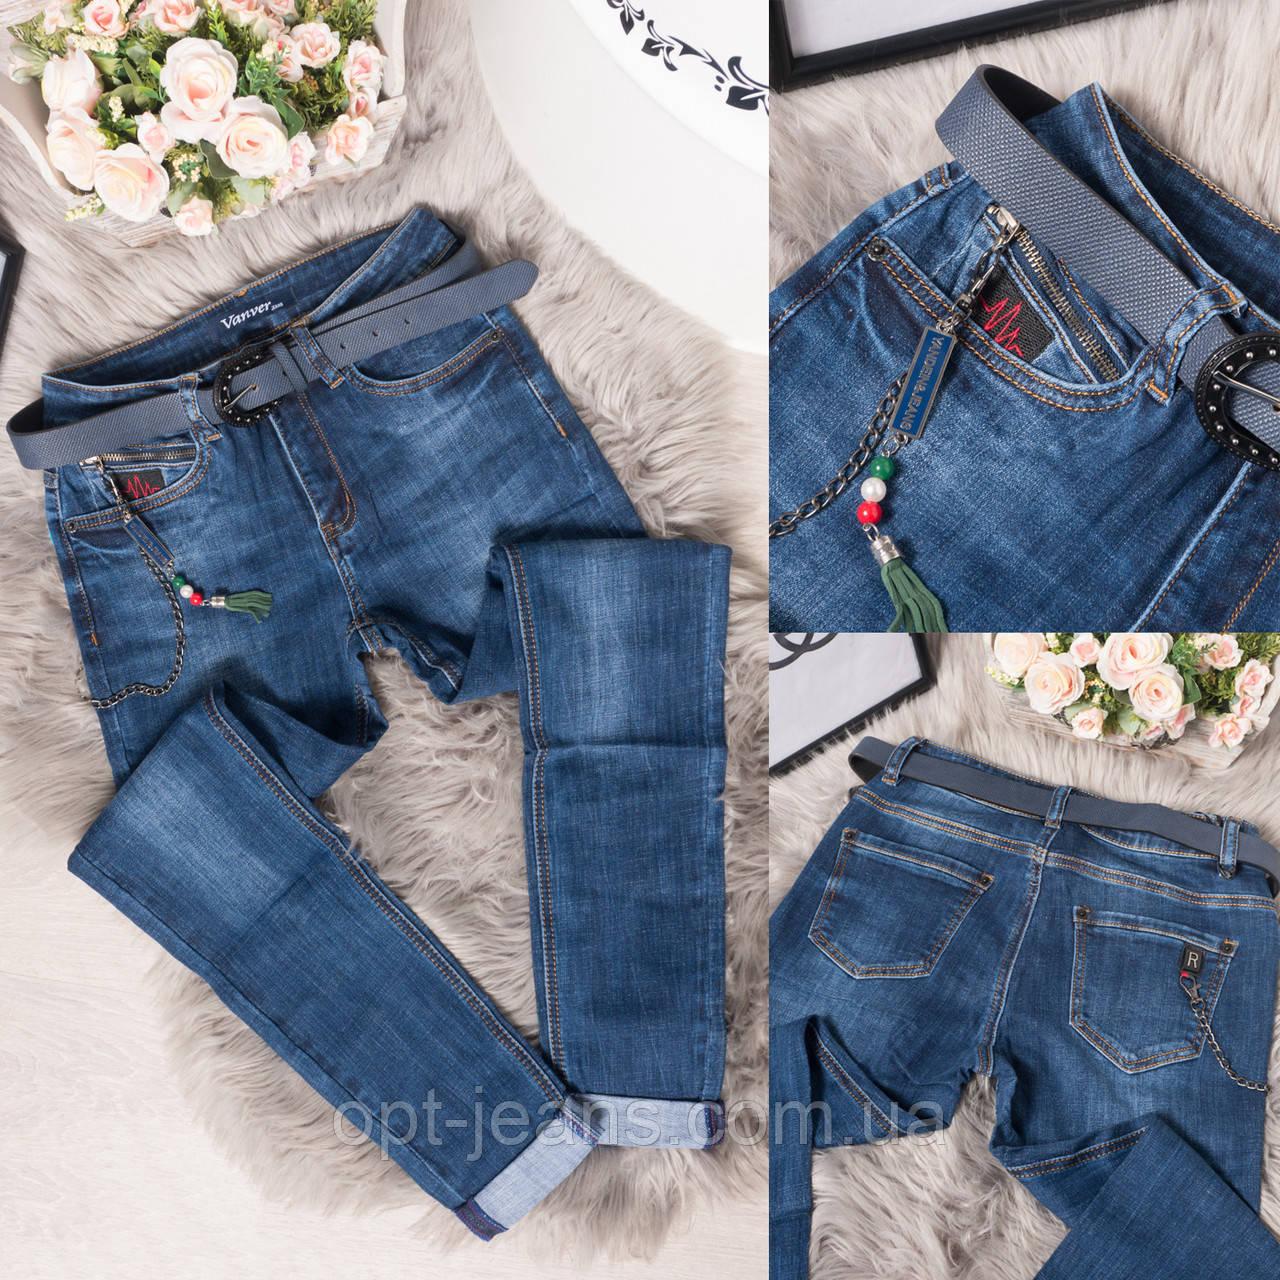 8175 Vanver джинсы женские полубатальные стильные осенние стрейчевые (28-33, 6 ед.)